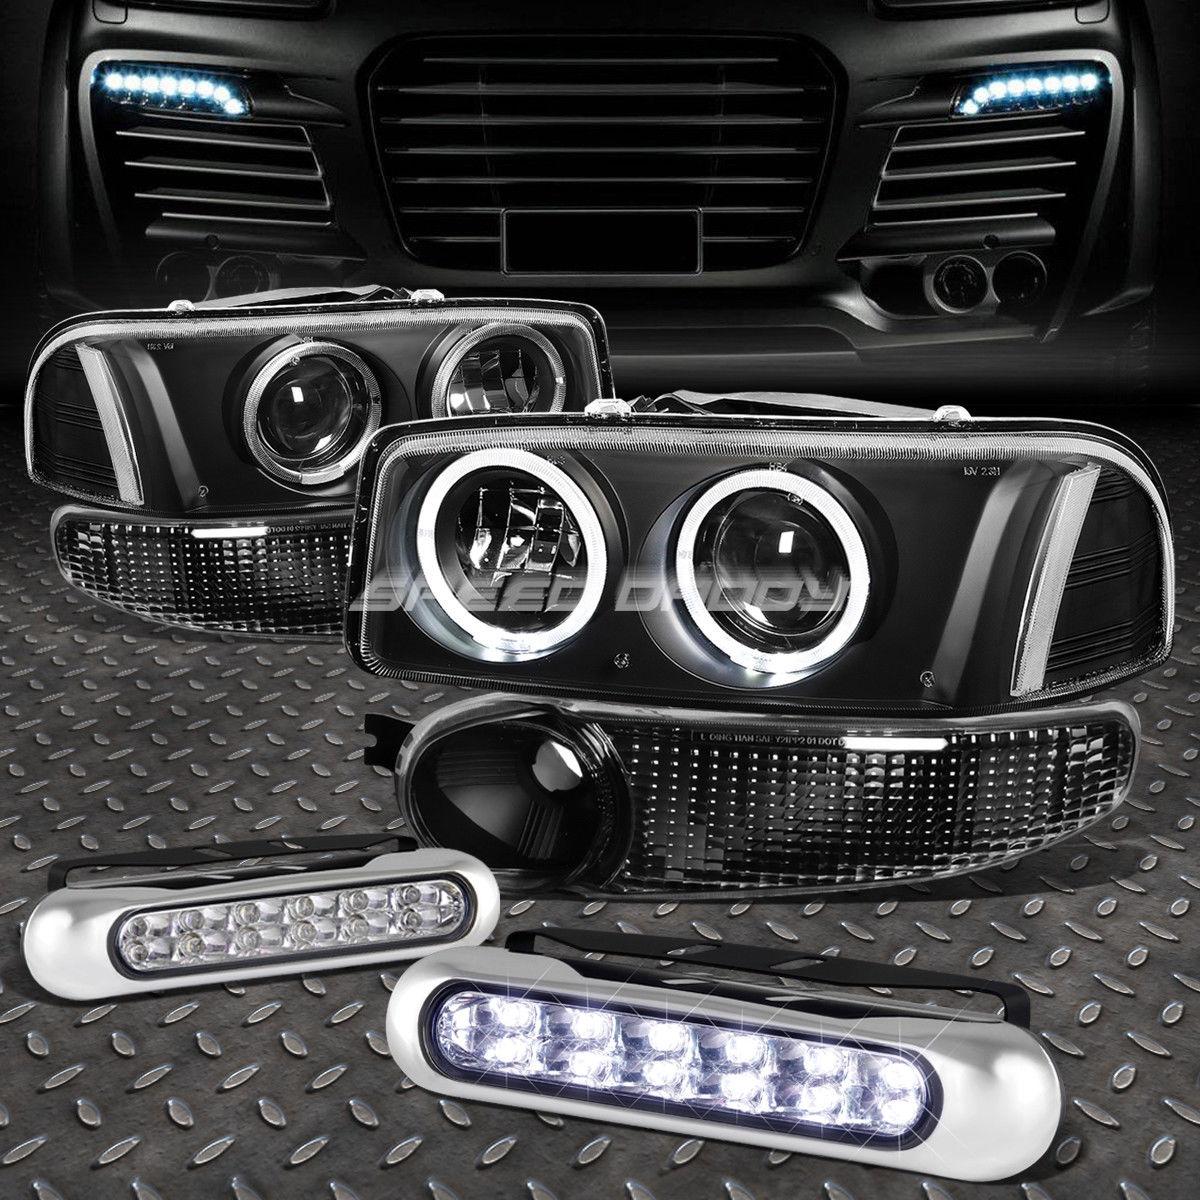 フォグライト BLACK CLEAR PROJECTOR HEADLIGHT+12 LED GRILL FOG LIGHT FOR 00-07 SIERRA/YUKON ブラッククリアプロジェクターヘッドライト+ 00-07 SIERRA / YUKON用LEDグリルフォグライト12